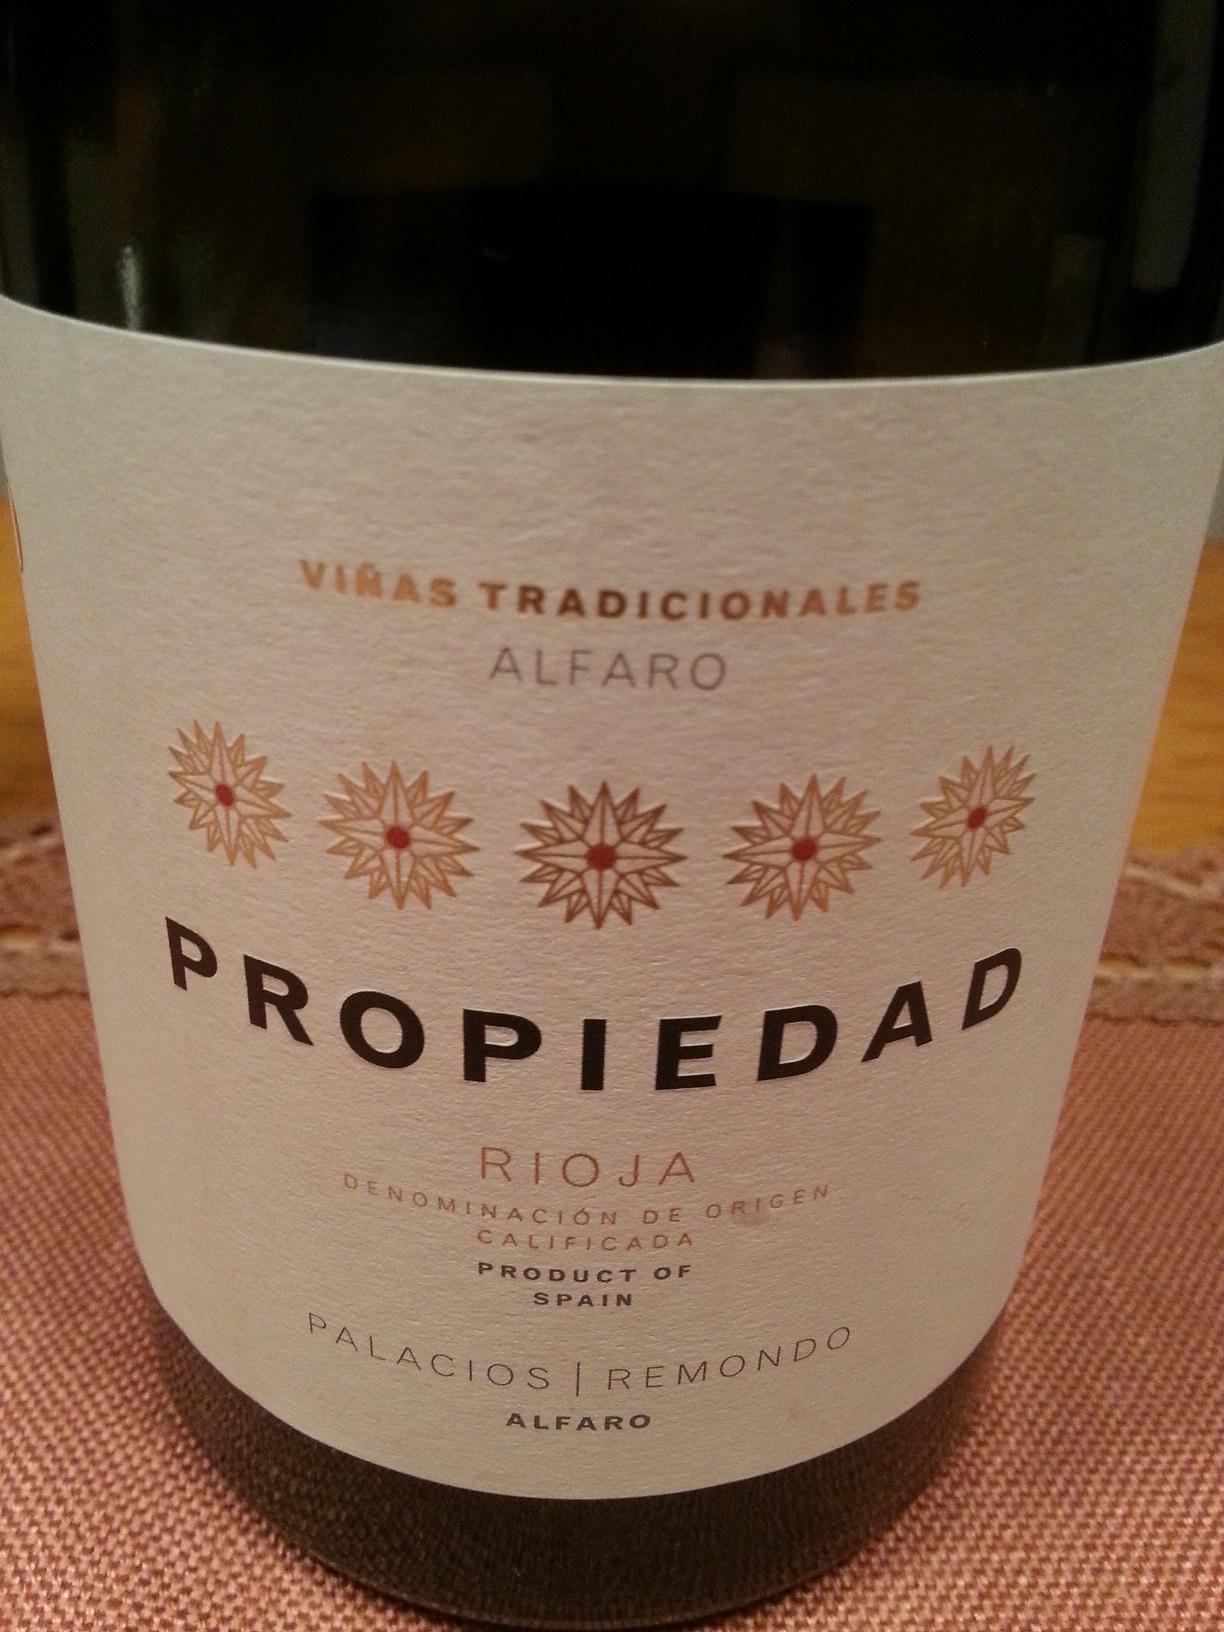 2010 Propiedad | Palacios